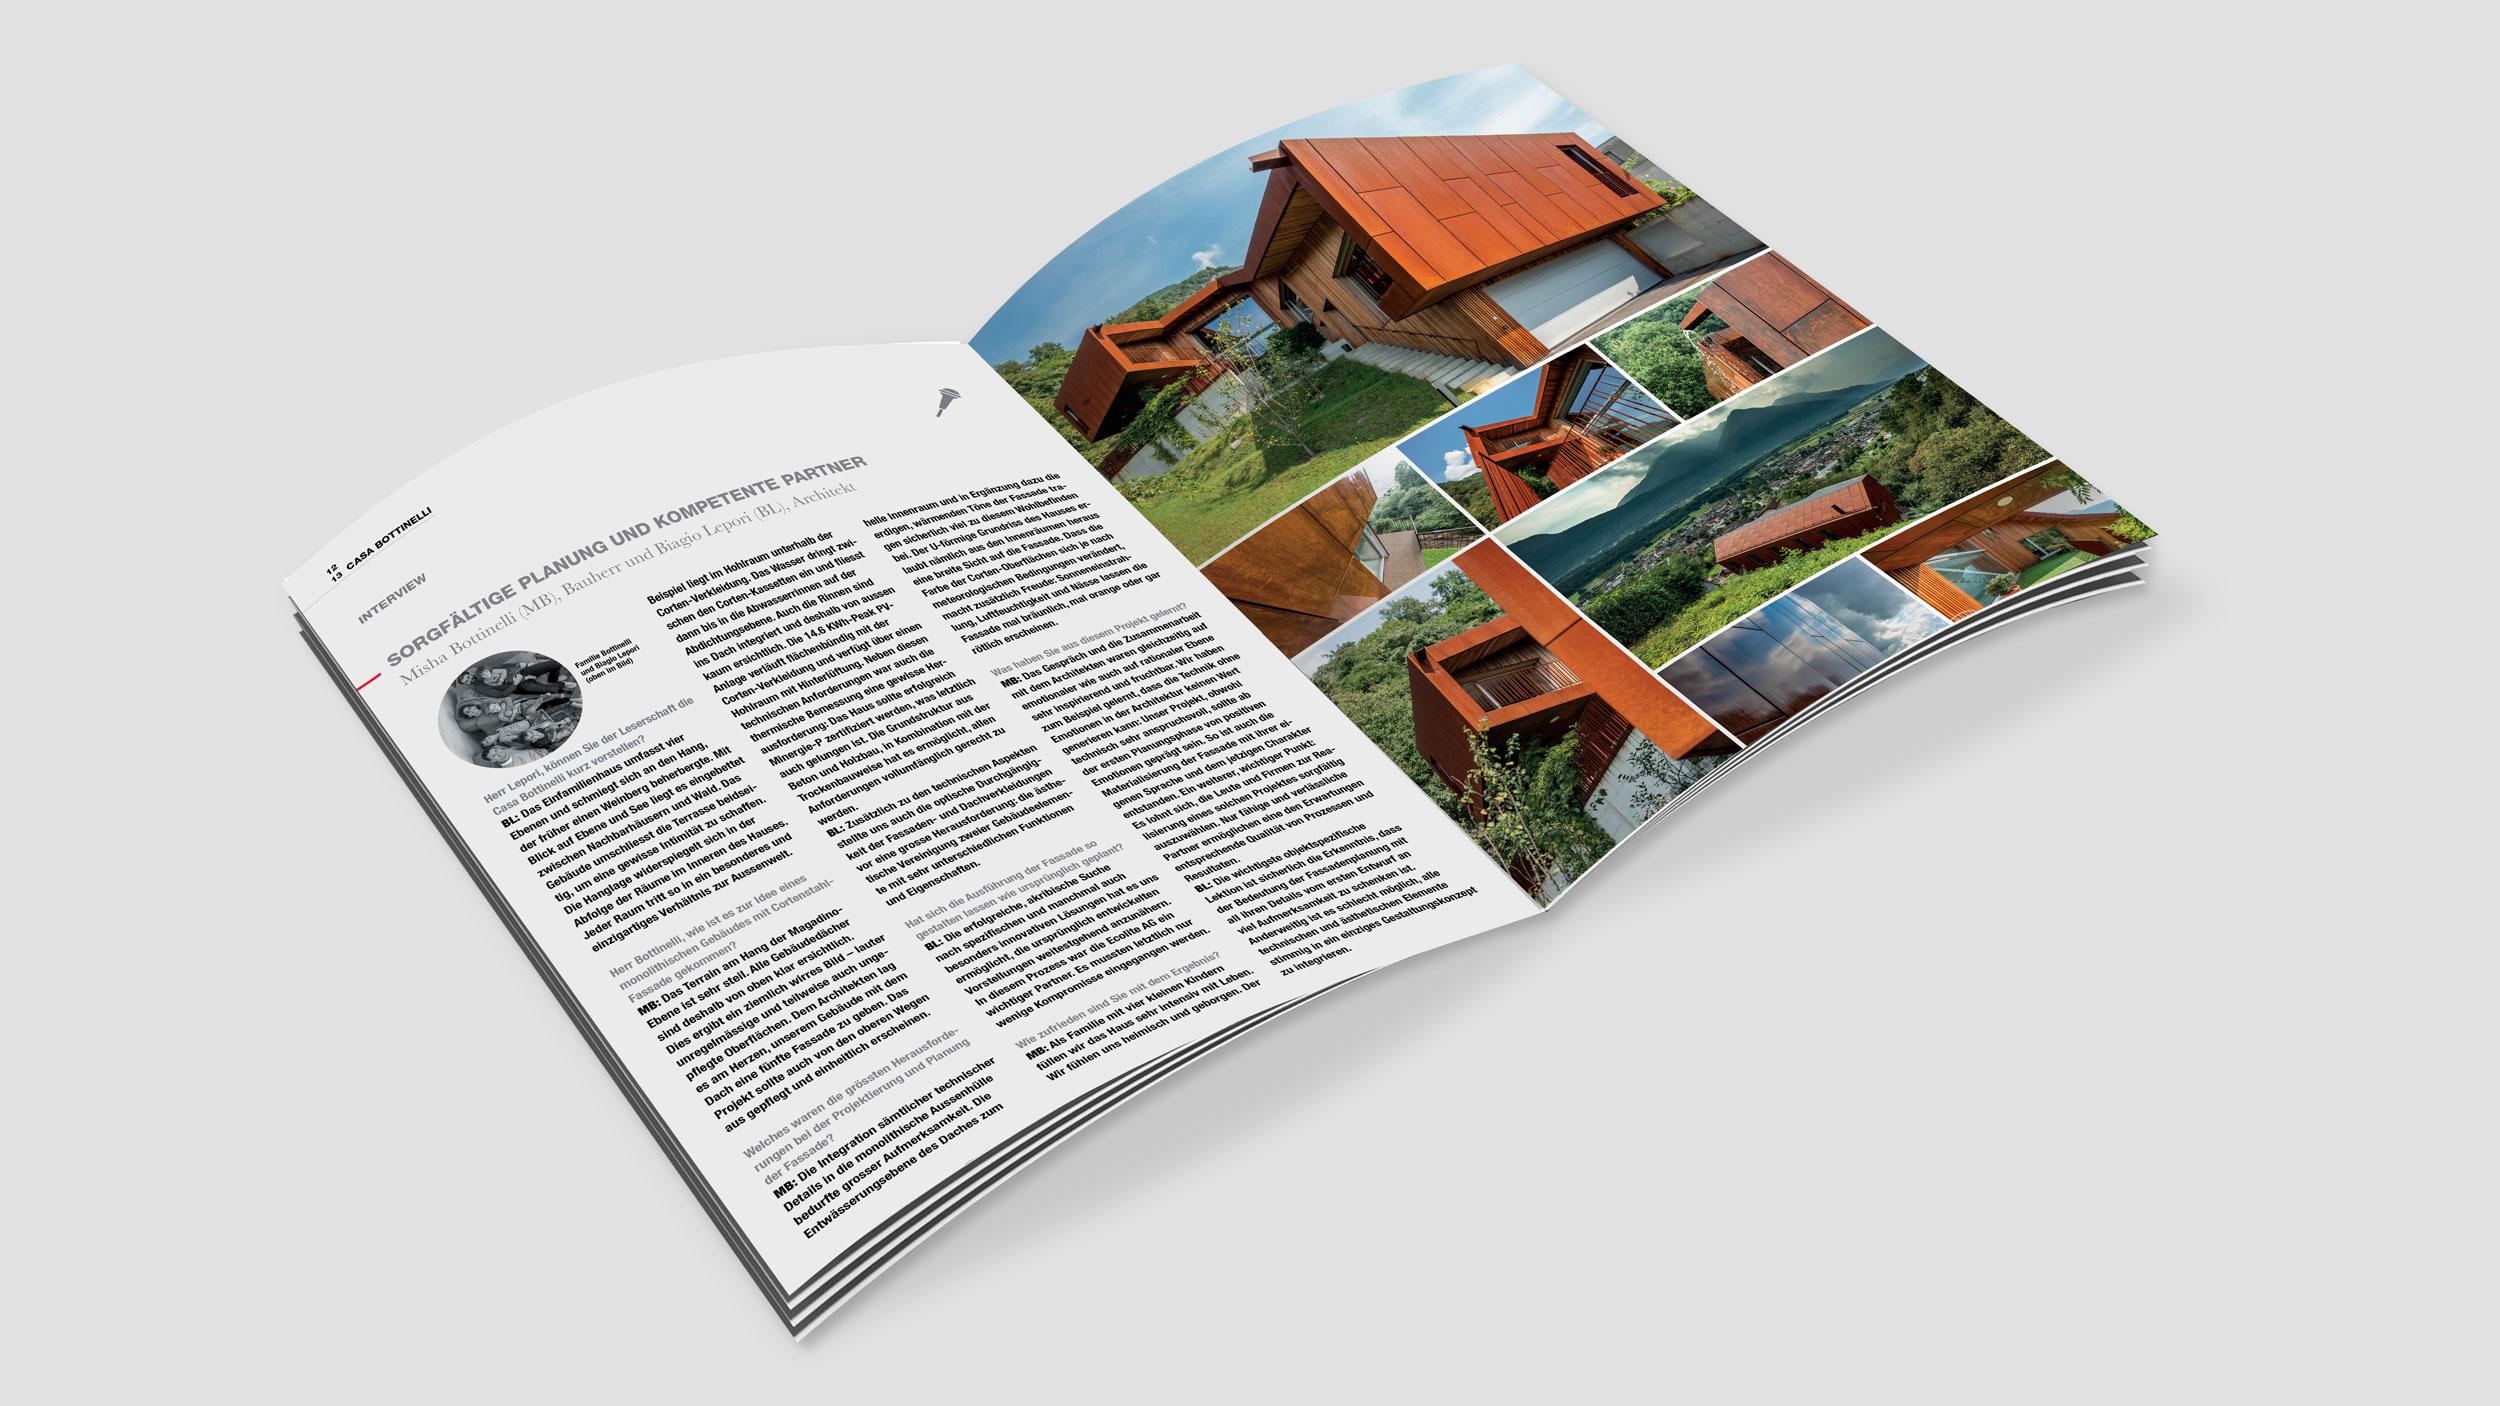 innenseiten_ecolite_magazin_12-13.jpg